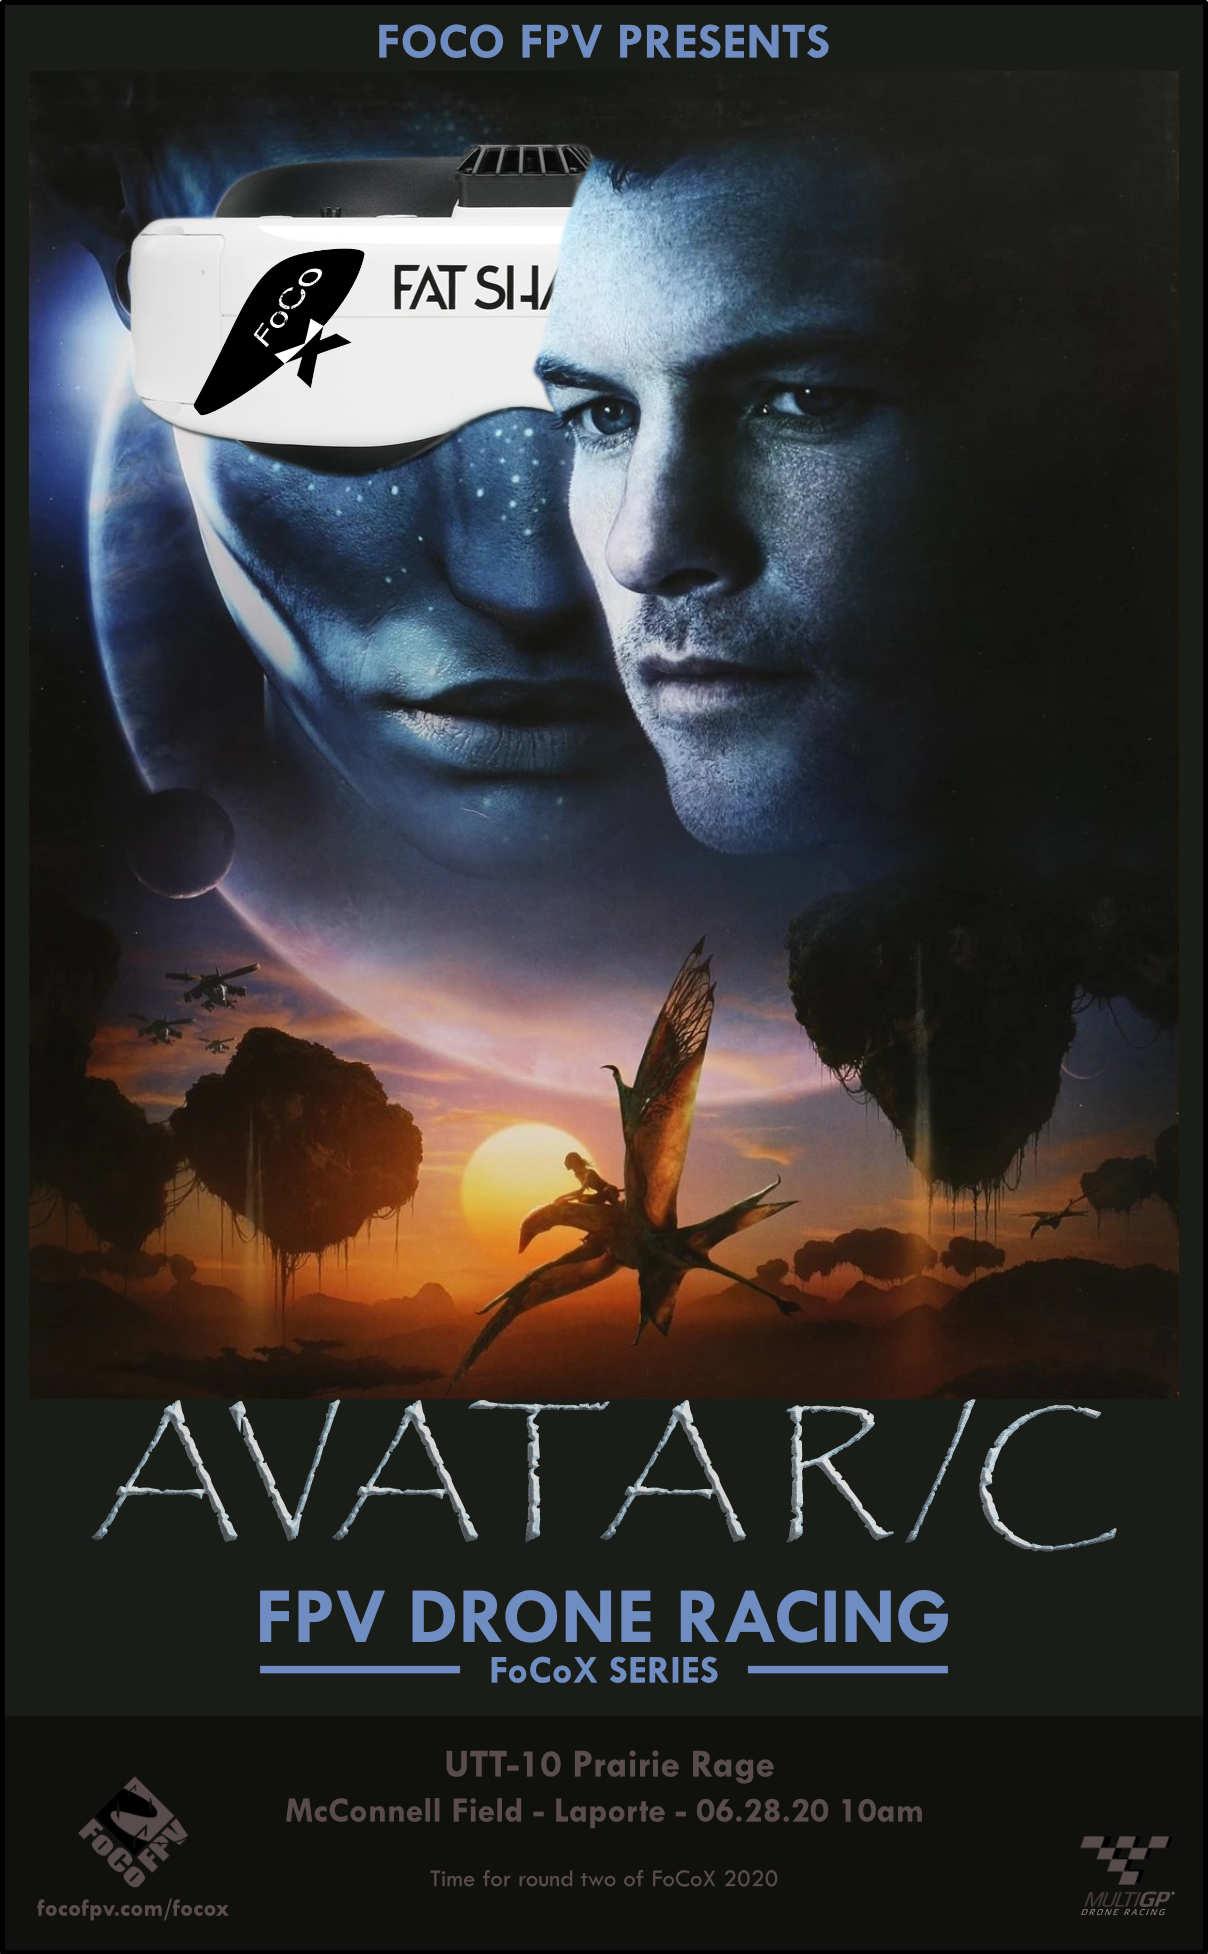 AVATAR/C